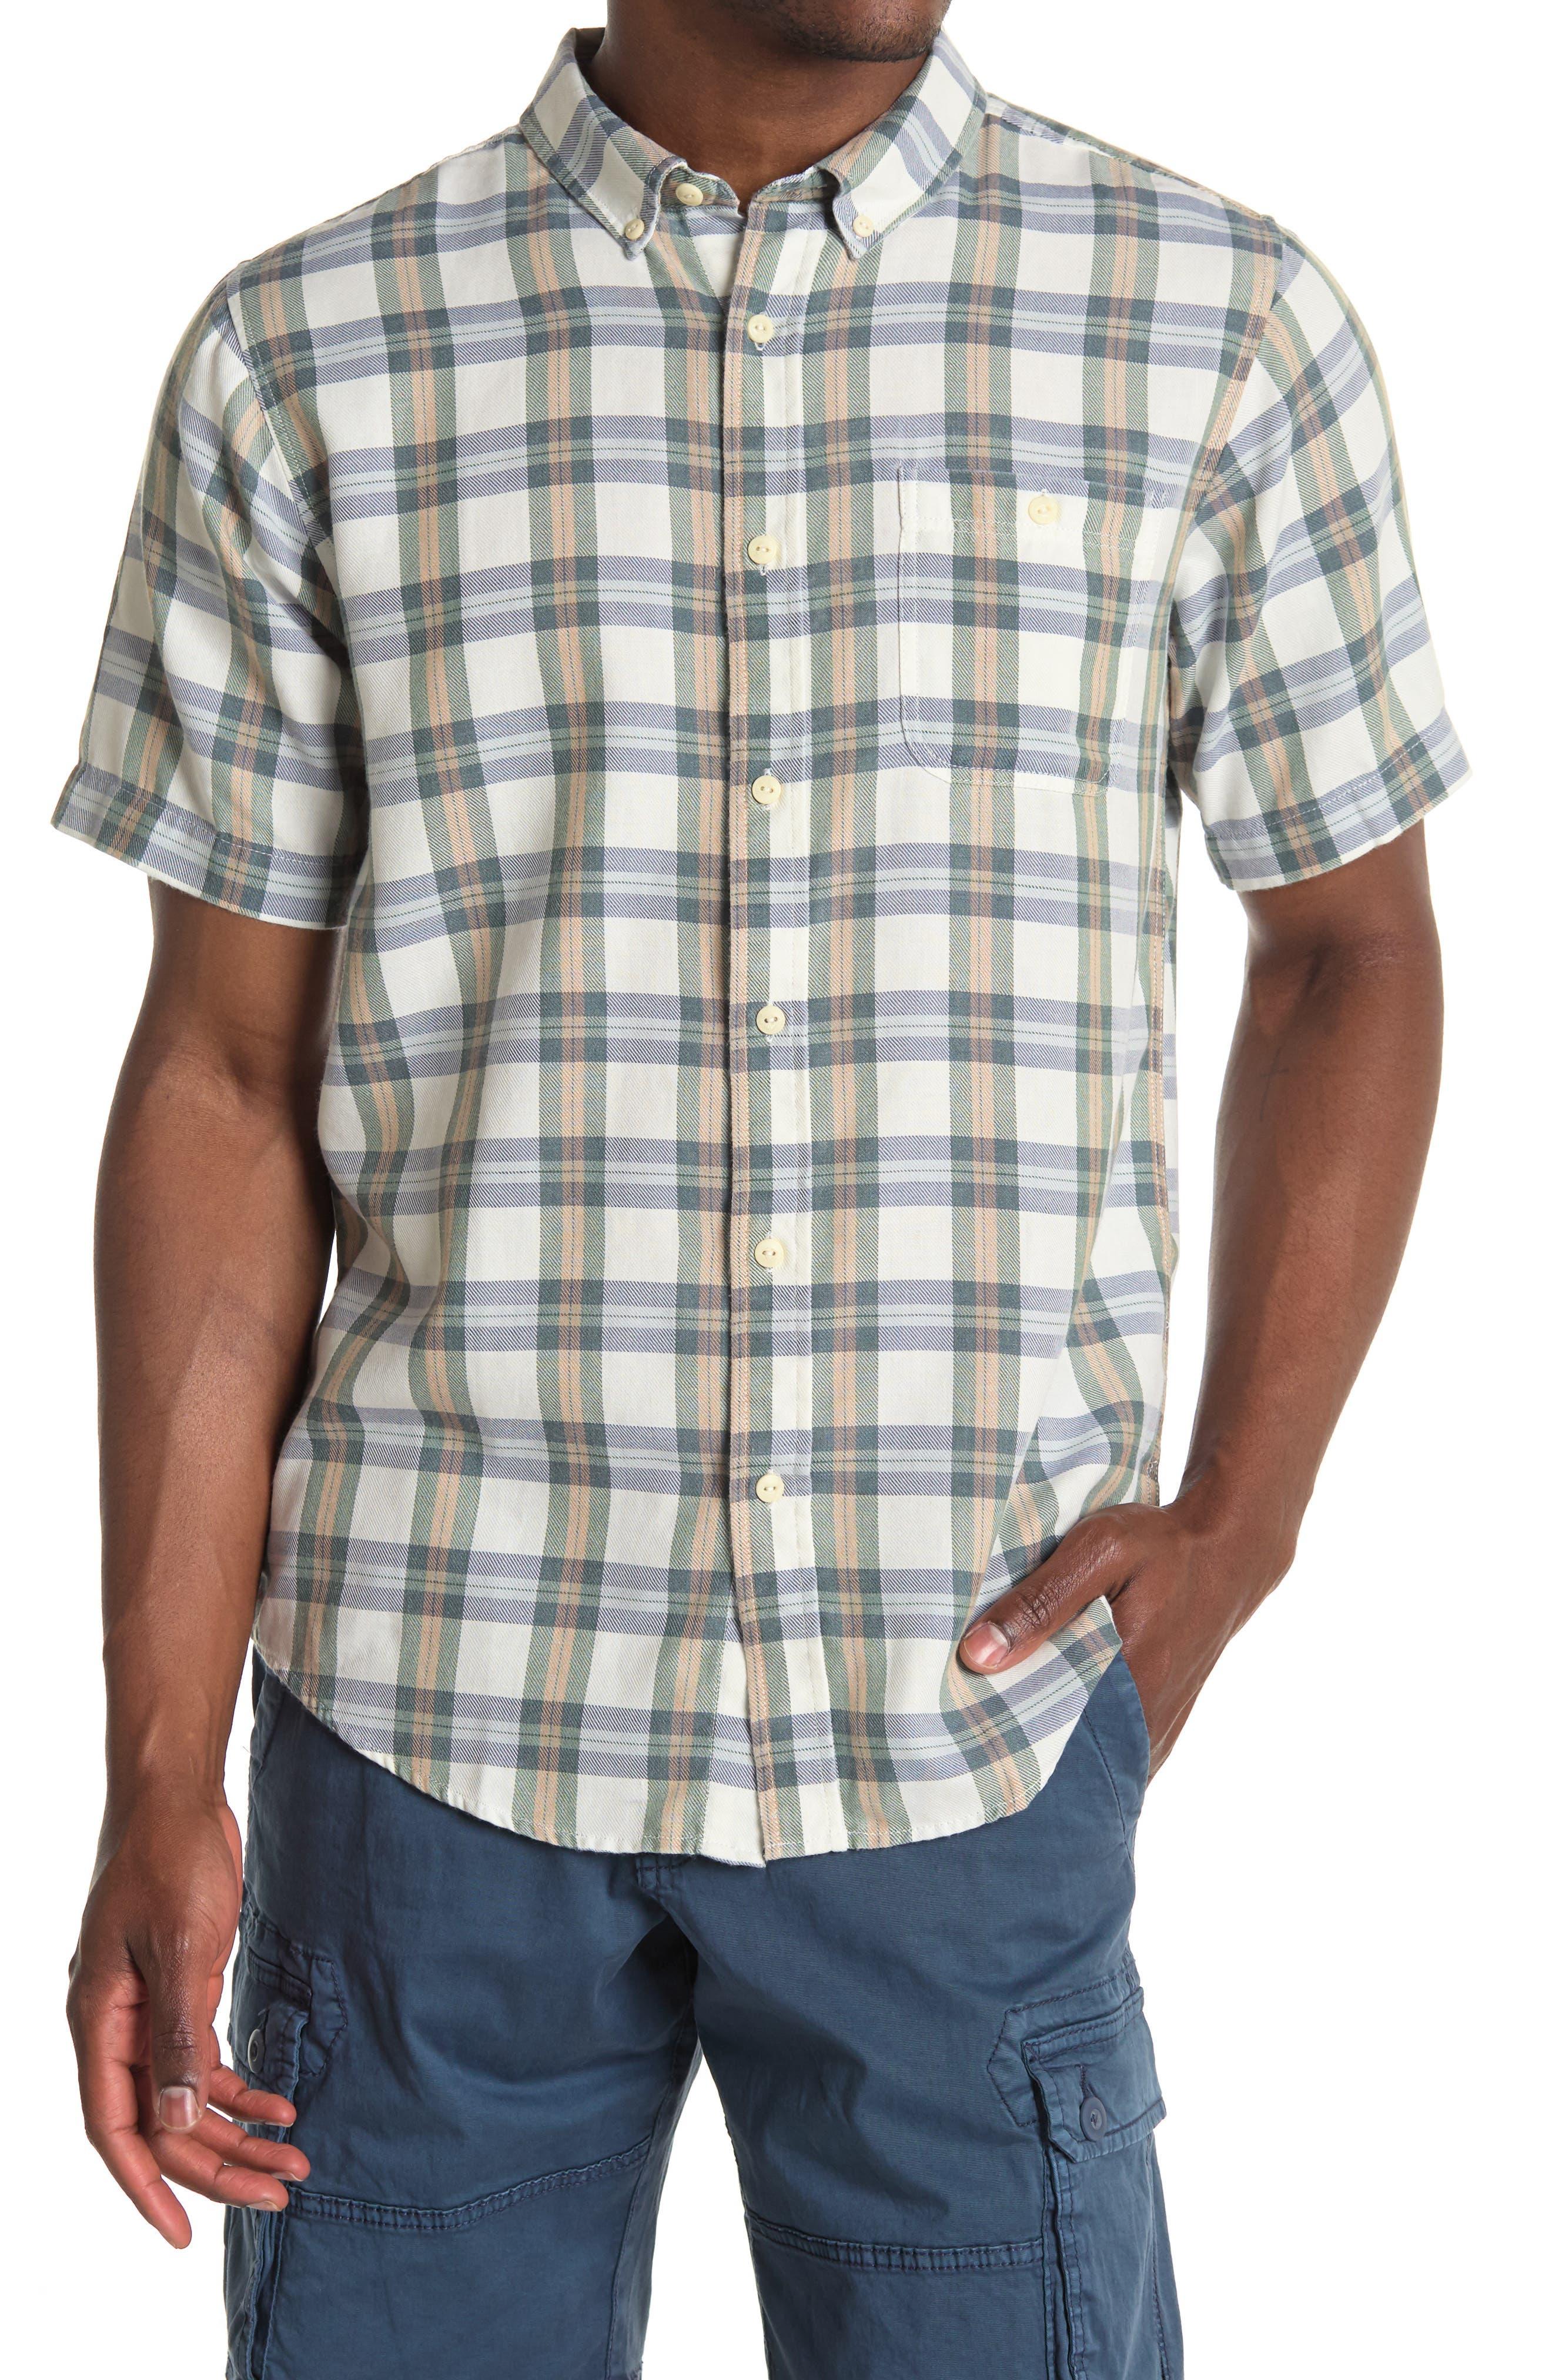 Image of Ezekiel Plaid Short Sleeve Shirt